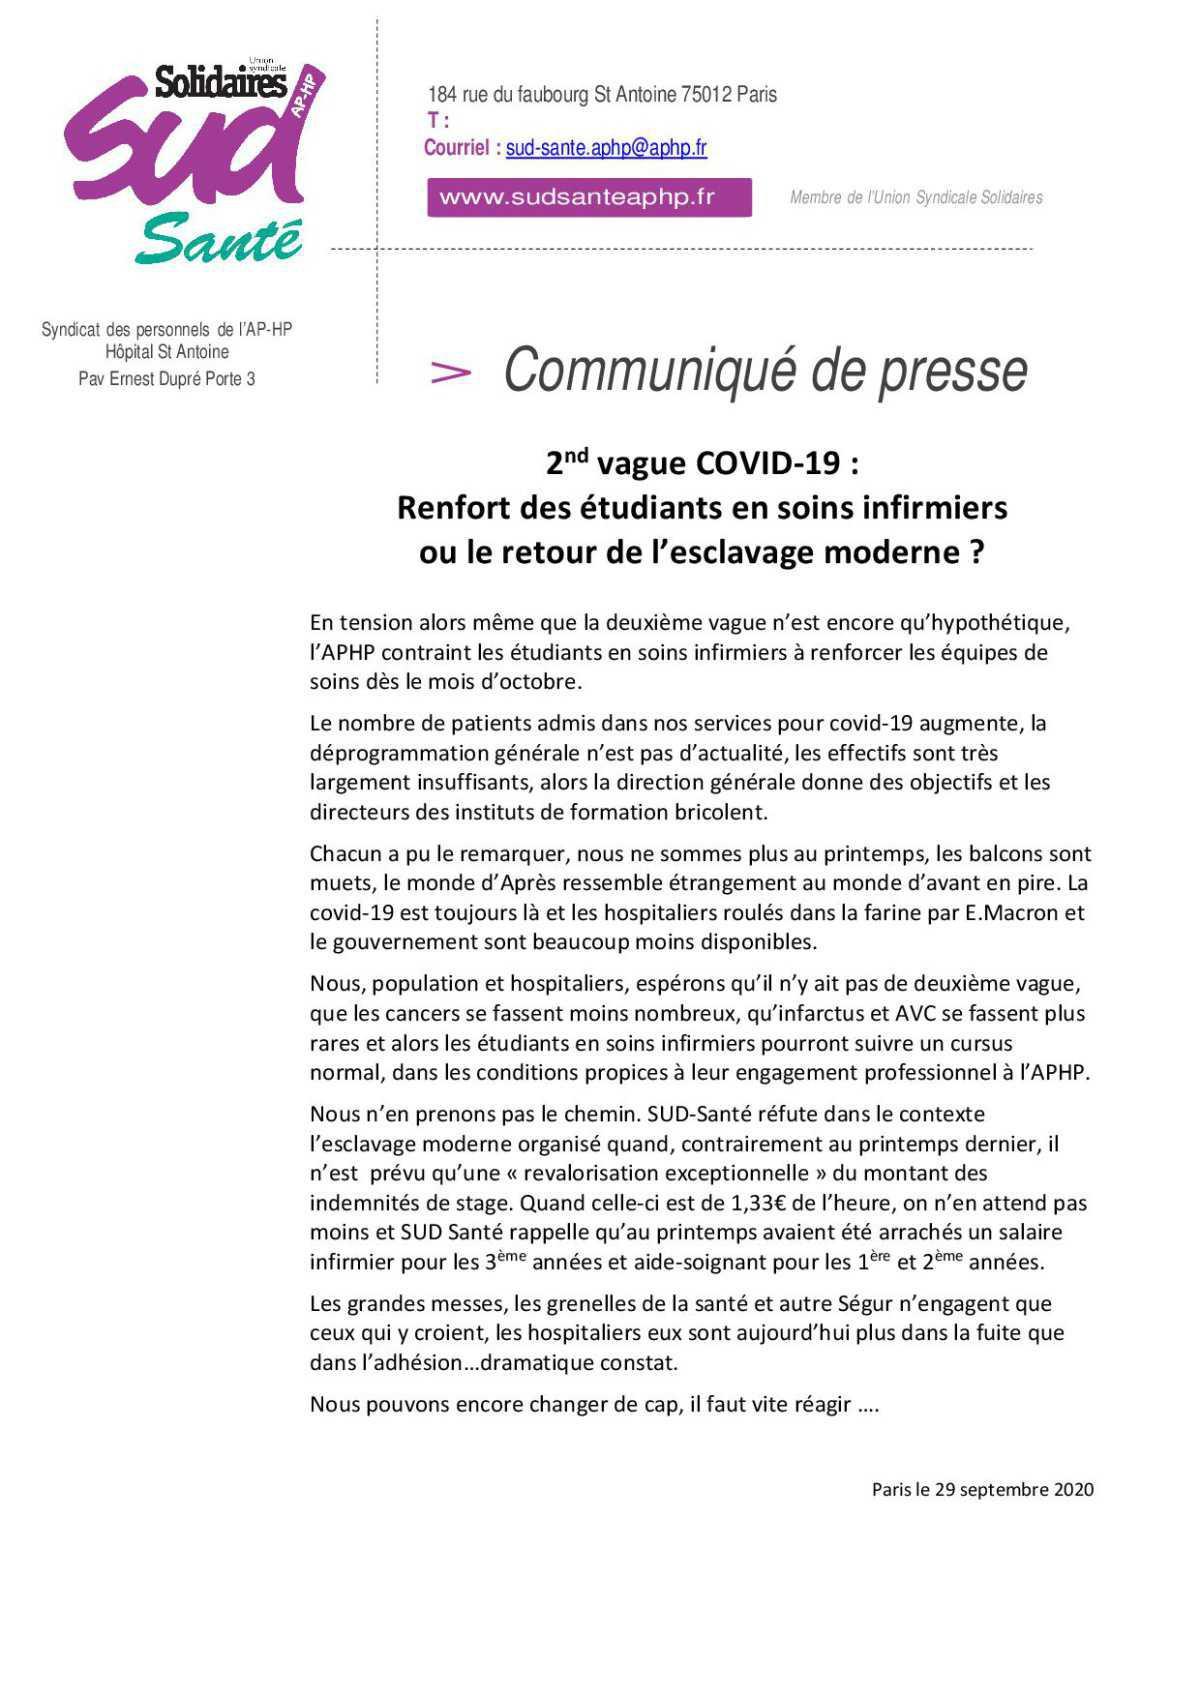 2nd vague COVID-19 : Renfort des étudiants en soins infirmiers ou le retour de l'esclavage moderne ?